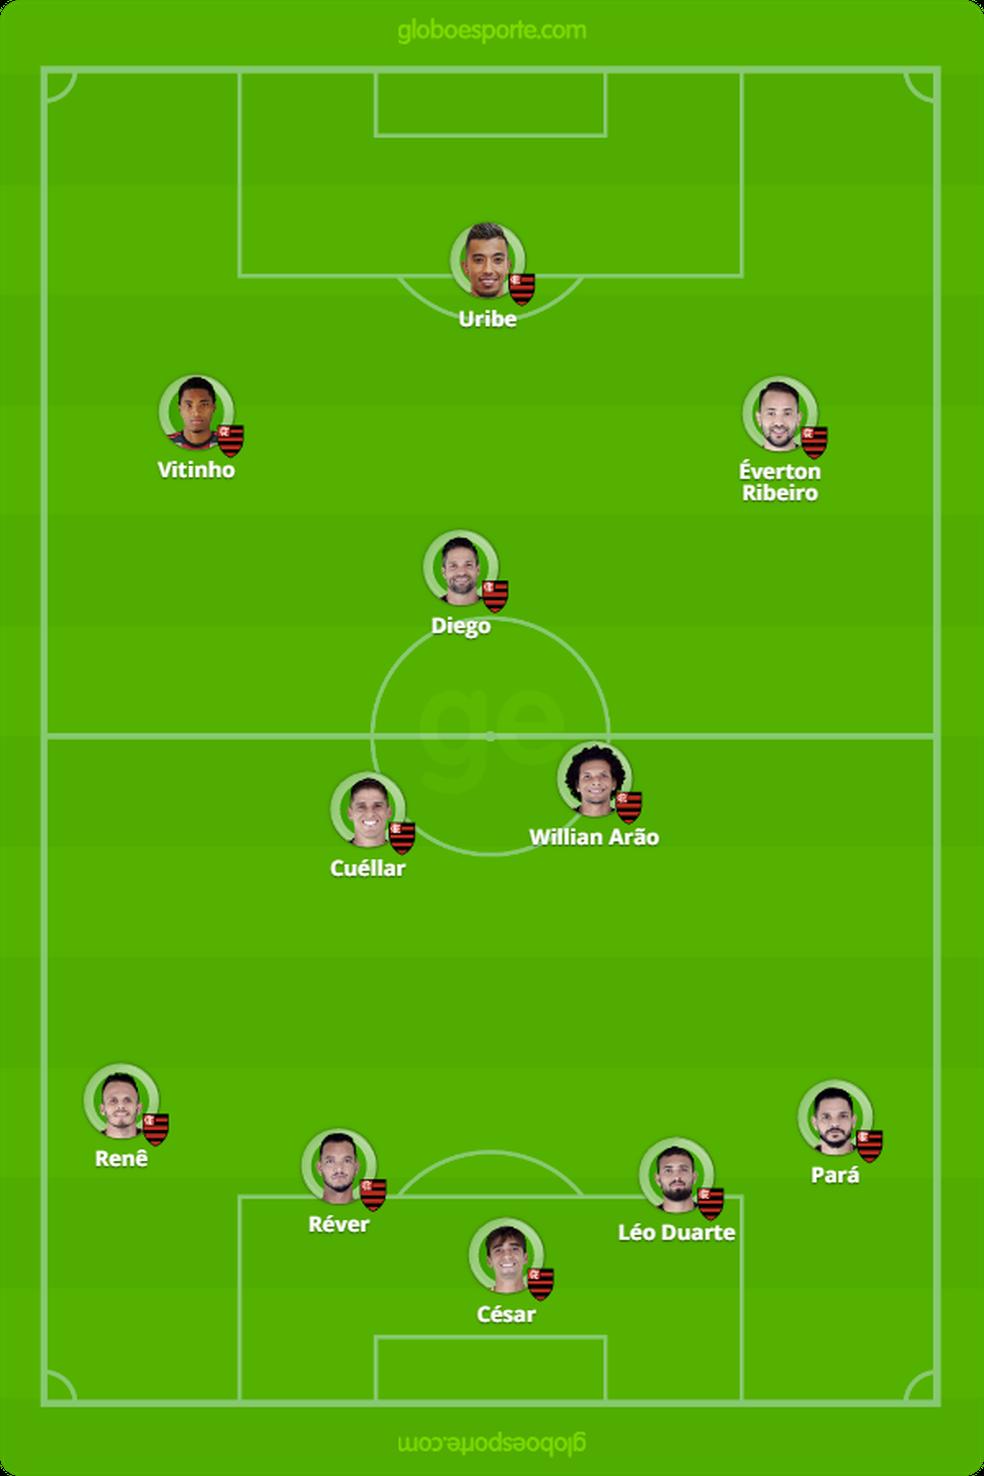 Provável escalação do Flamengo contra o Grêmio — Foto: Reprodução